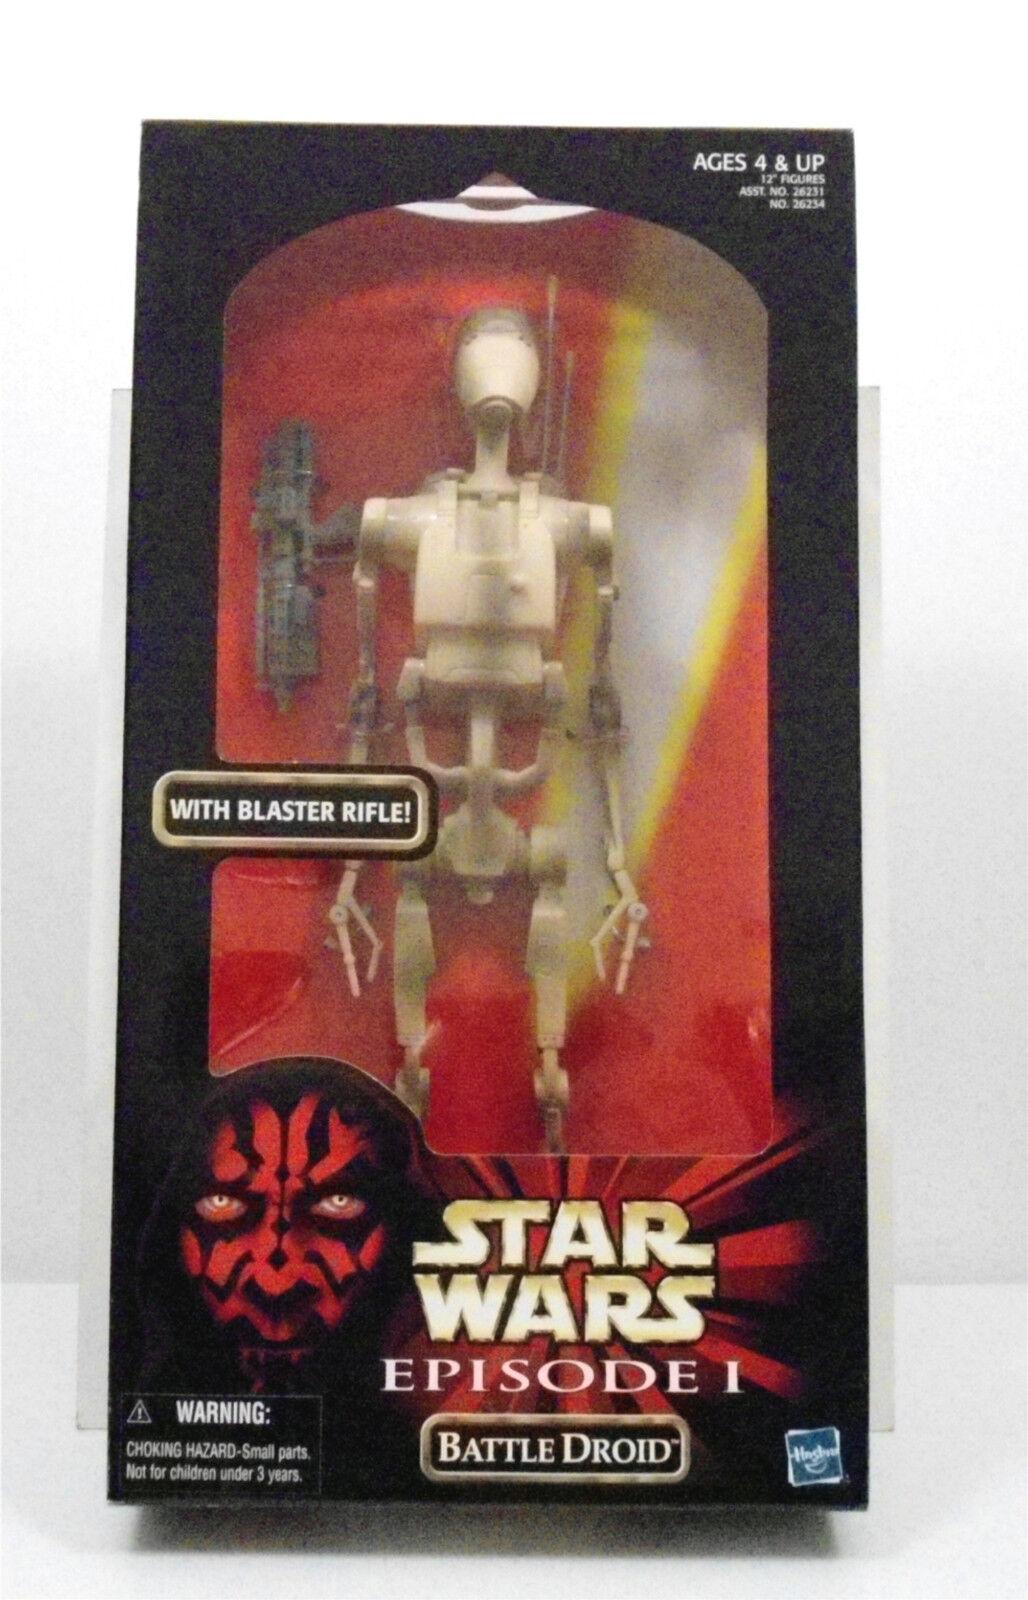 ahorra hasta un 50% Estrella Wars episodio 1 Battle Droid con rifle bláster figura figura figura de 12 pulgadas  venta mundialmente famosa en línea